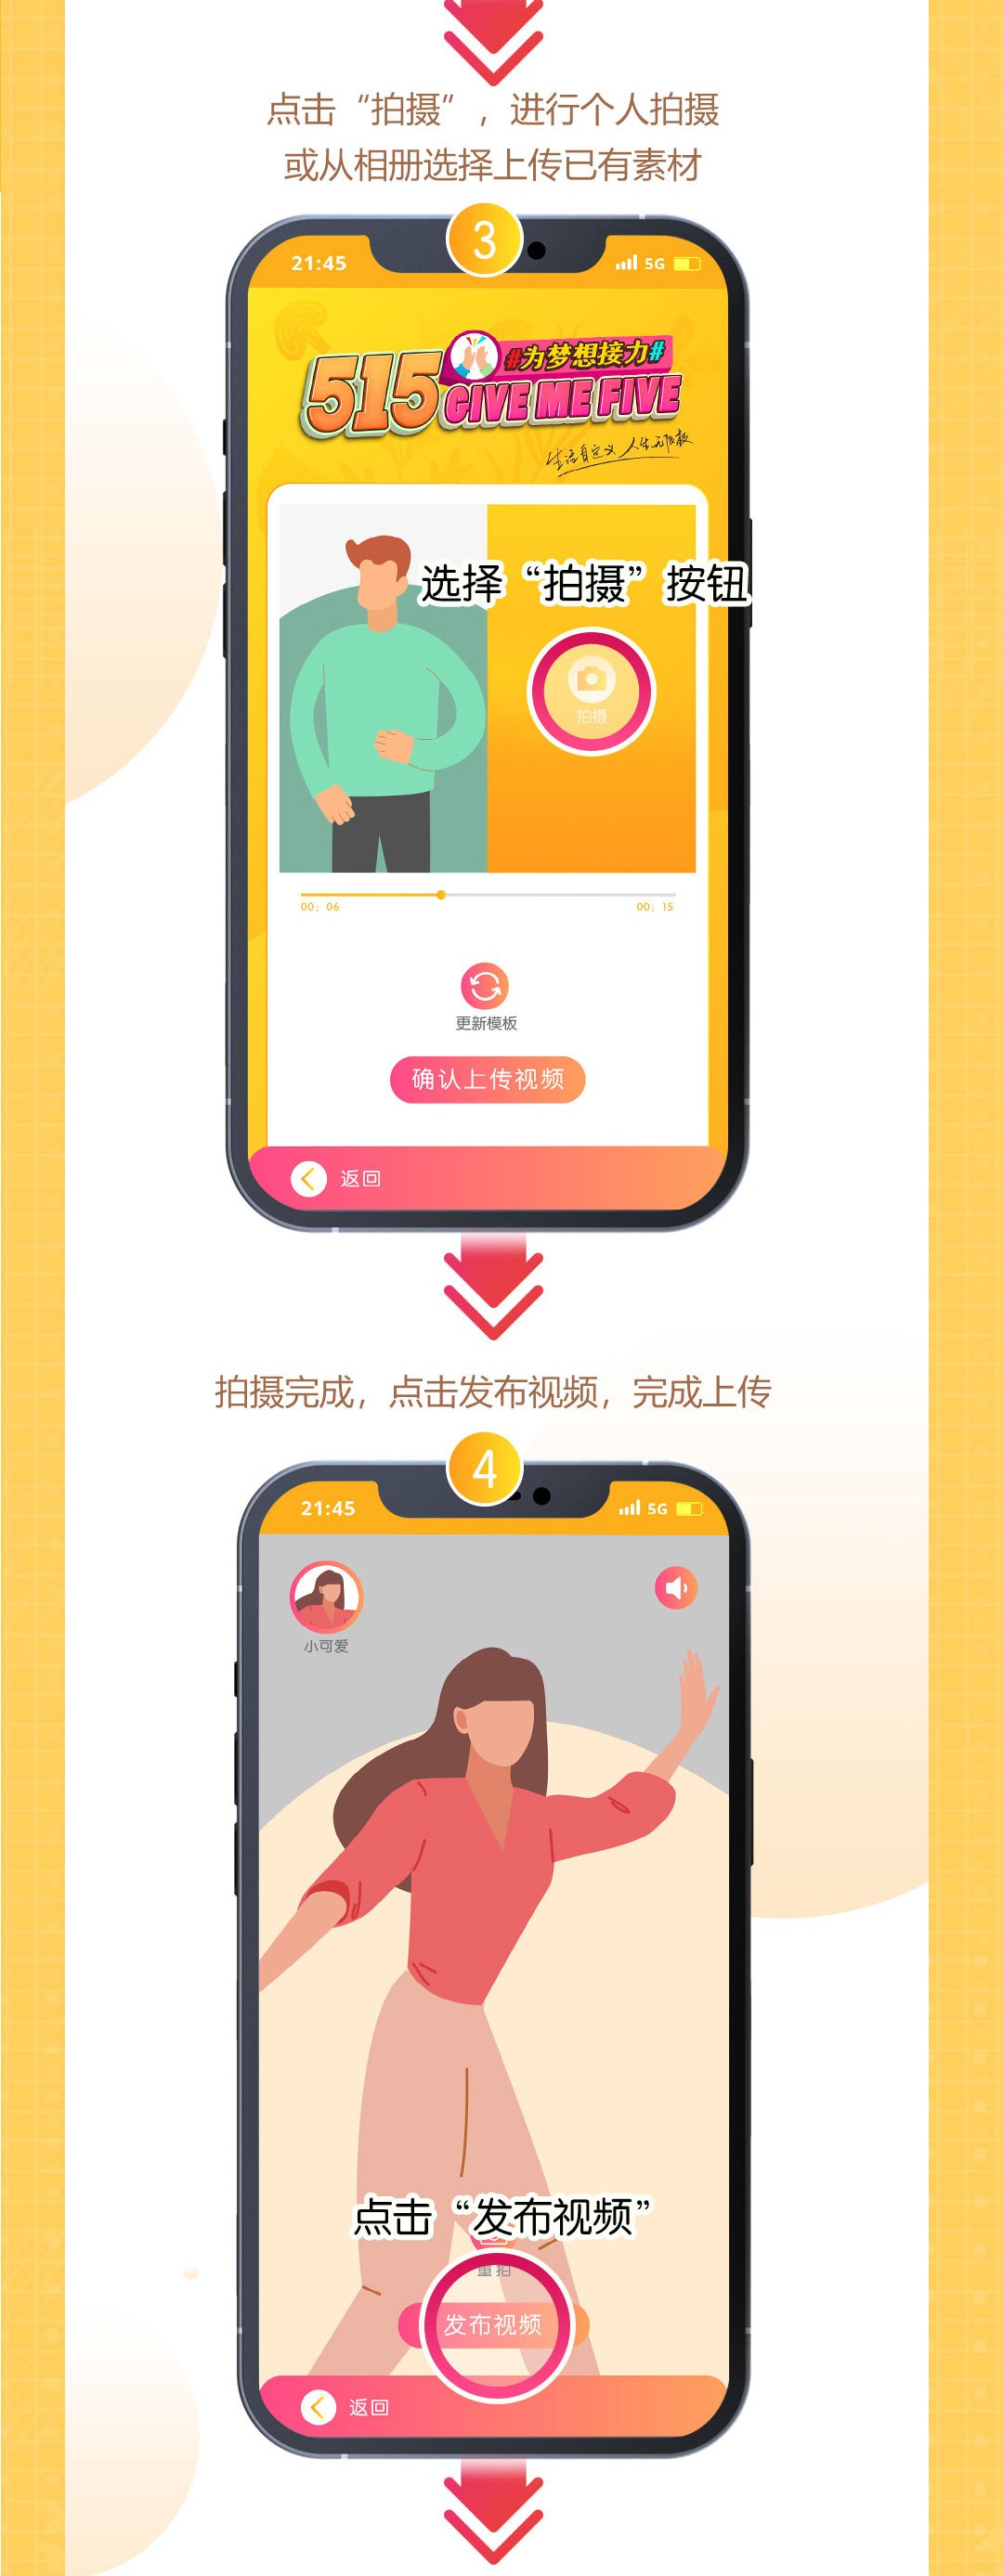 513服务号:拍接力视频赢好礼,一起为梦想接力!(3)_04